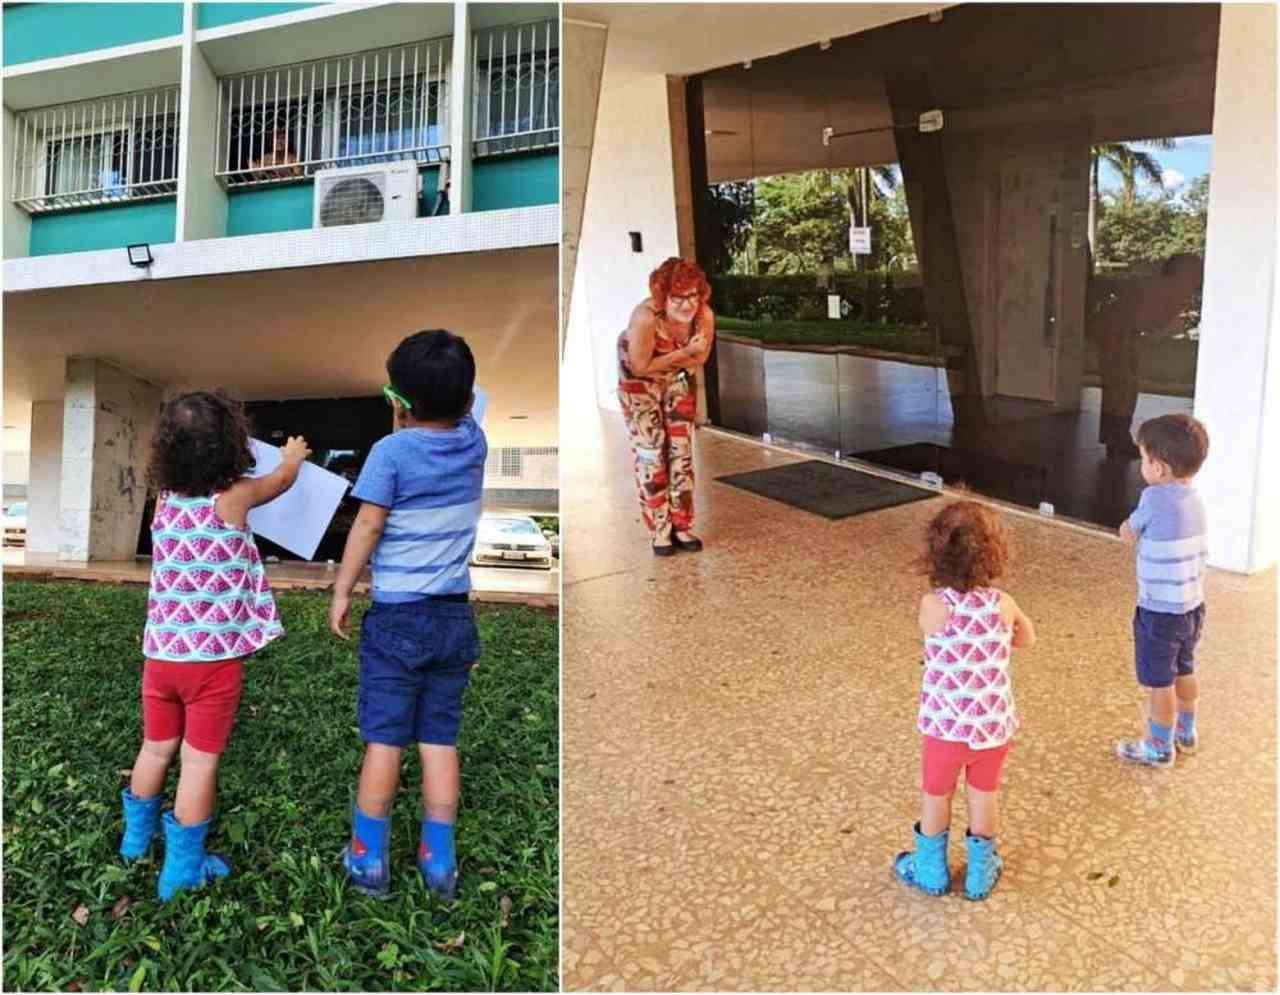 Netos visitando a avó em tempos de COVID-19